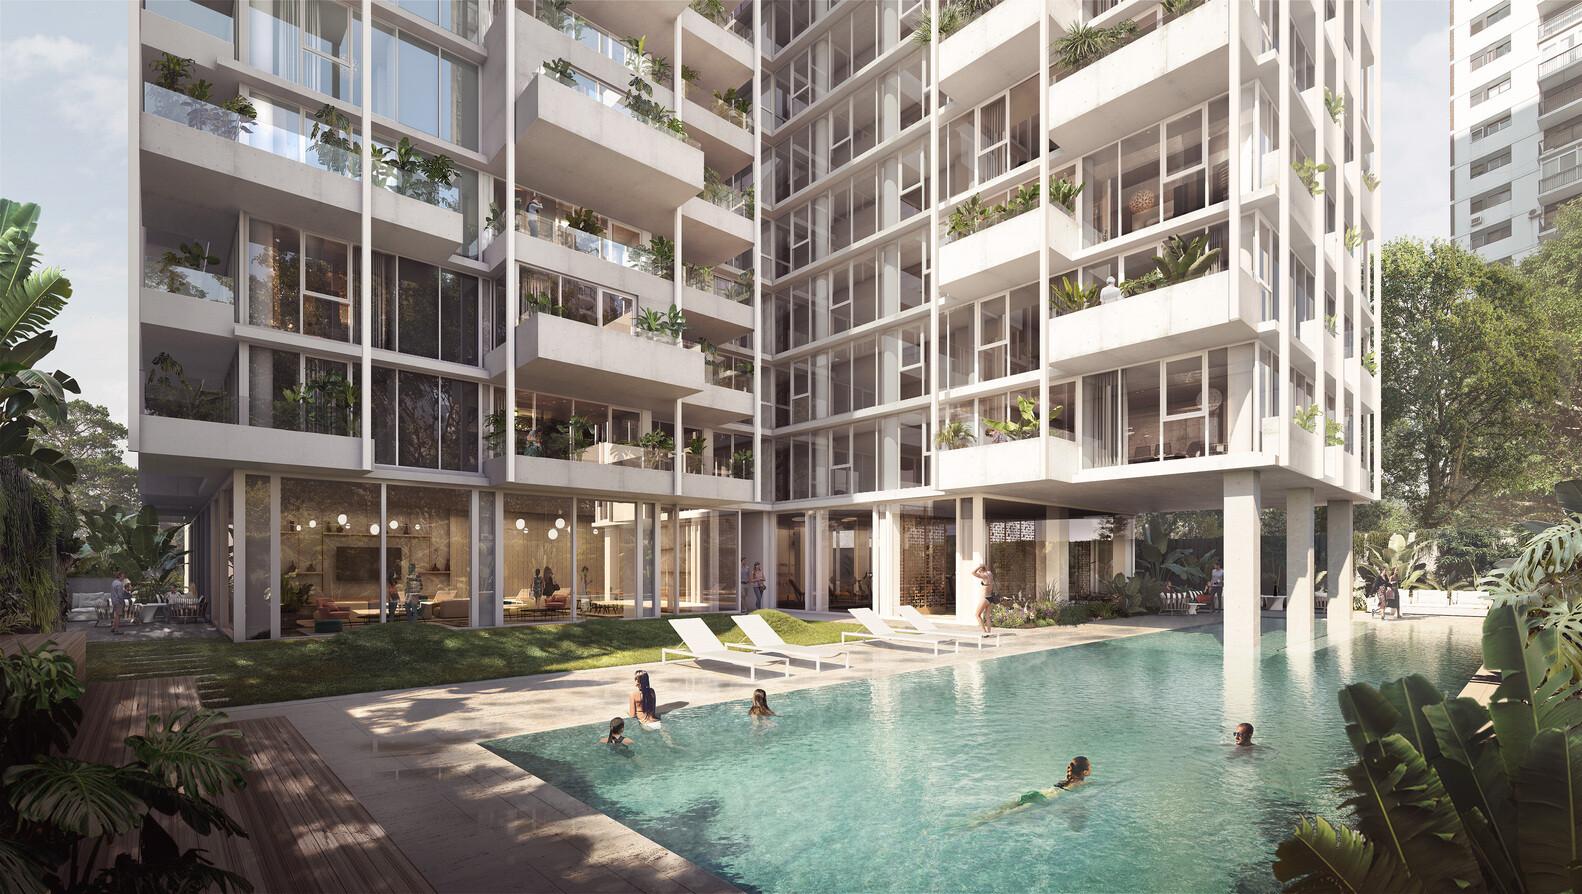 oda-comienza-la-construccion-del-edificio-residencial-zeta-1-alt